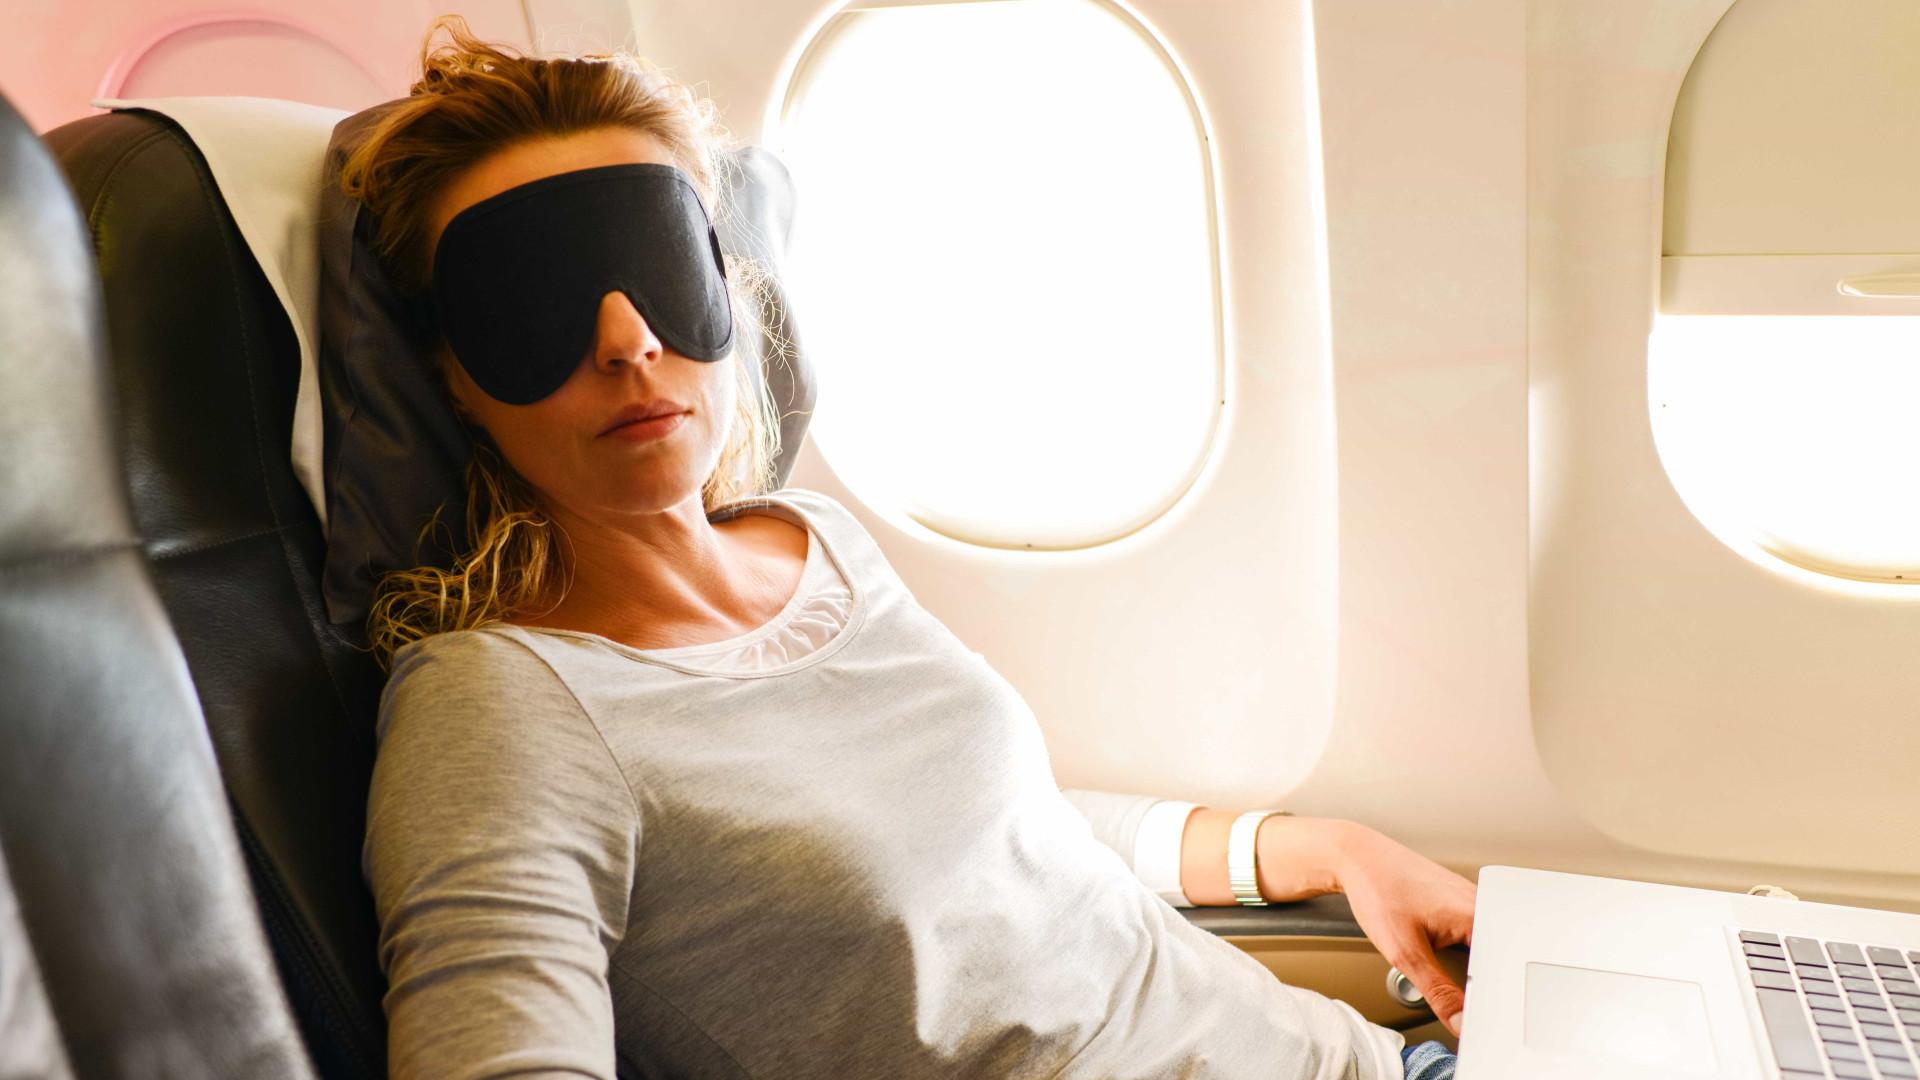 Veja 6 dicas para sempre dormir bem no avião